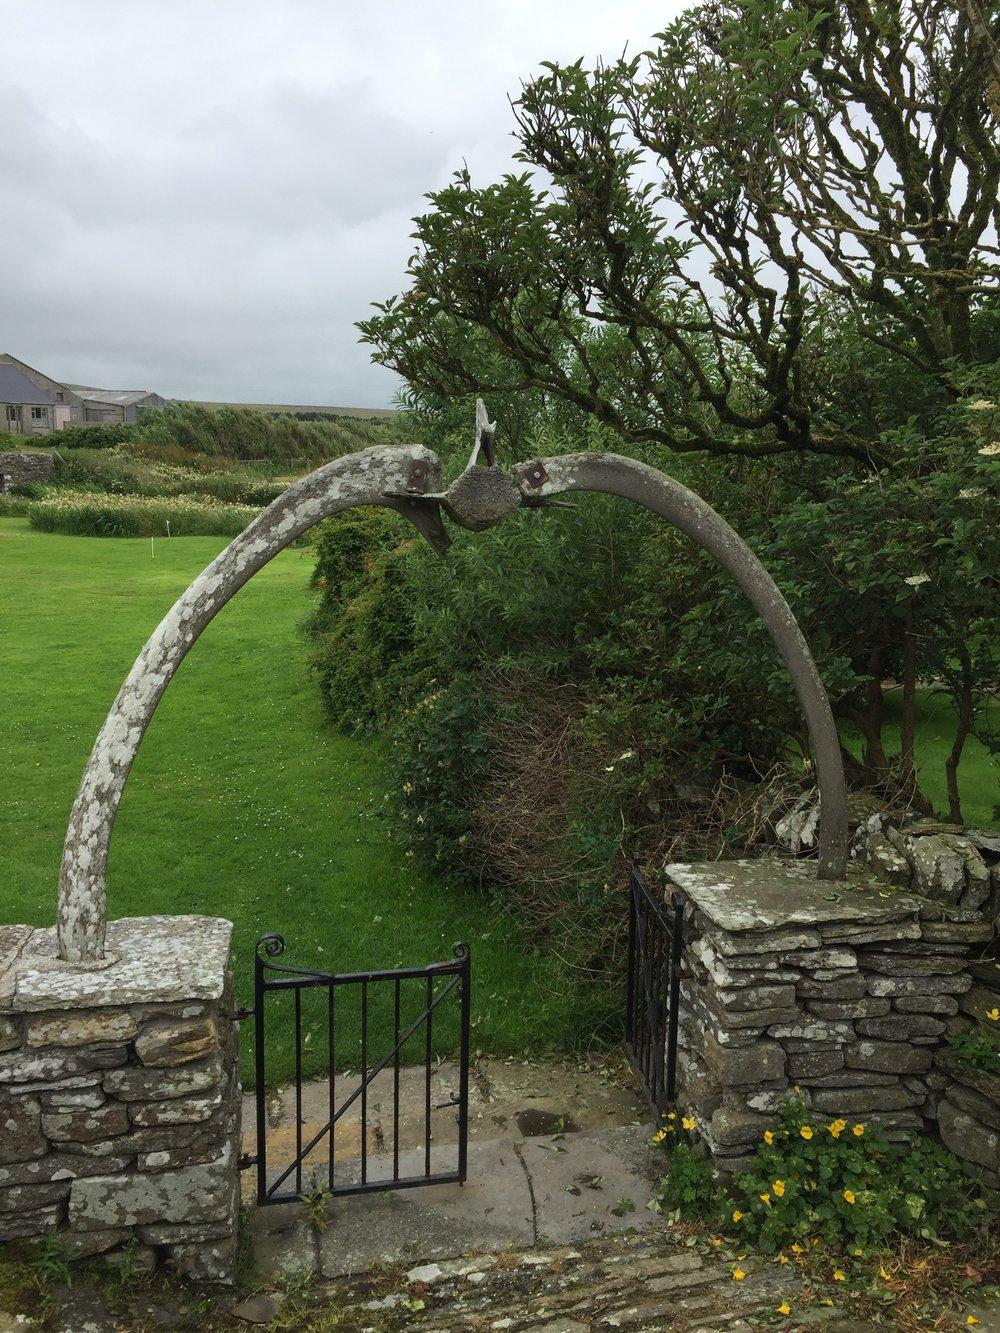 Whalebone gate